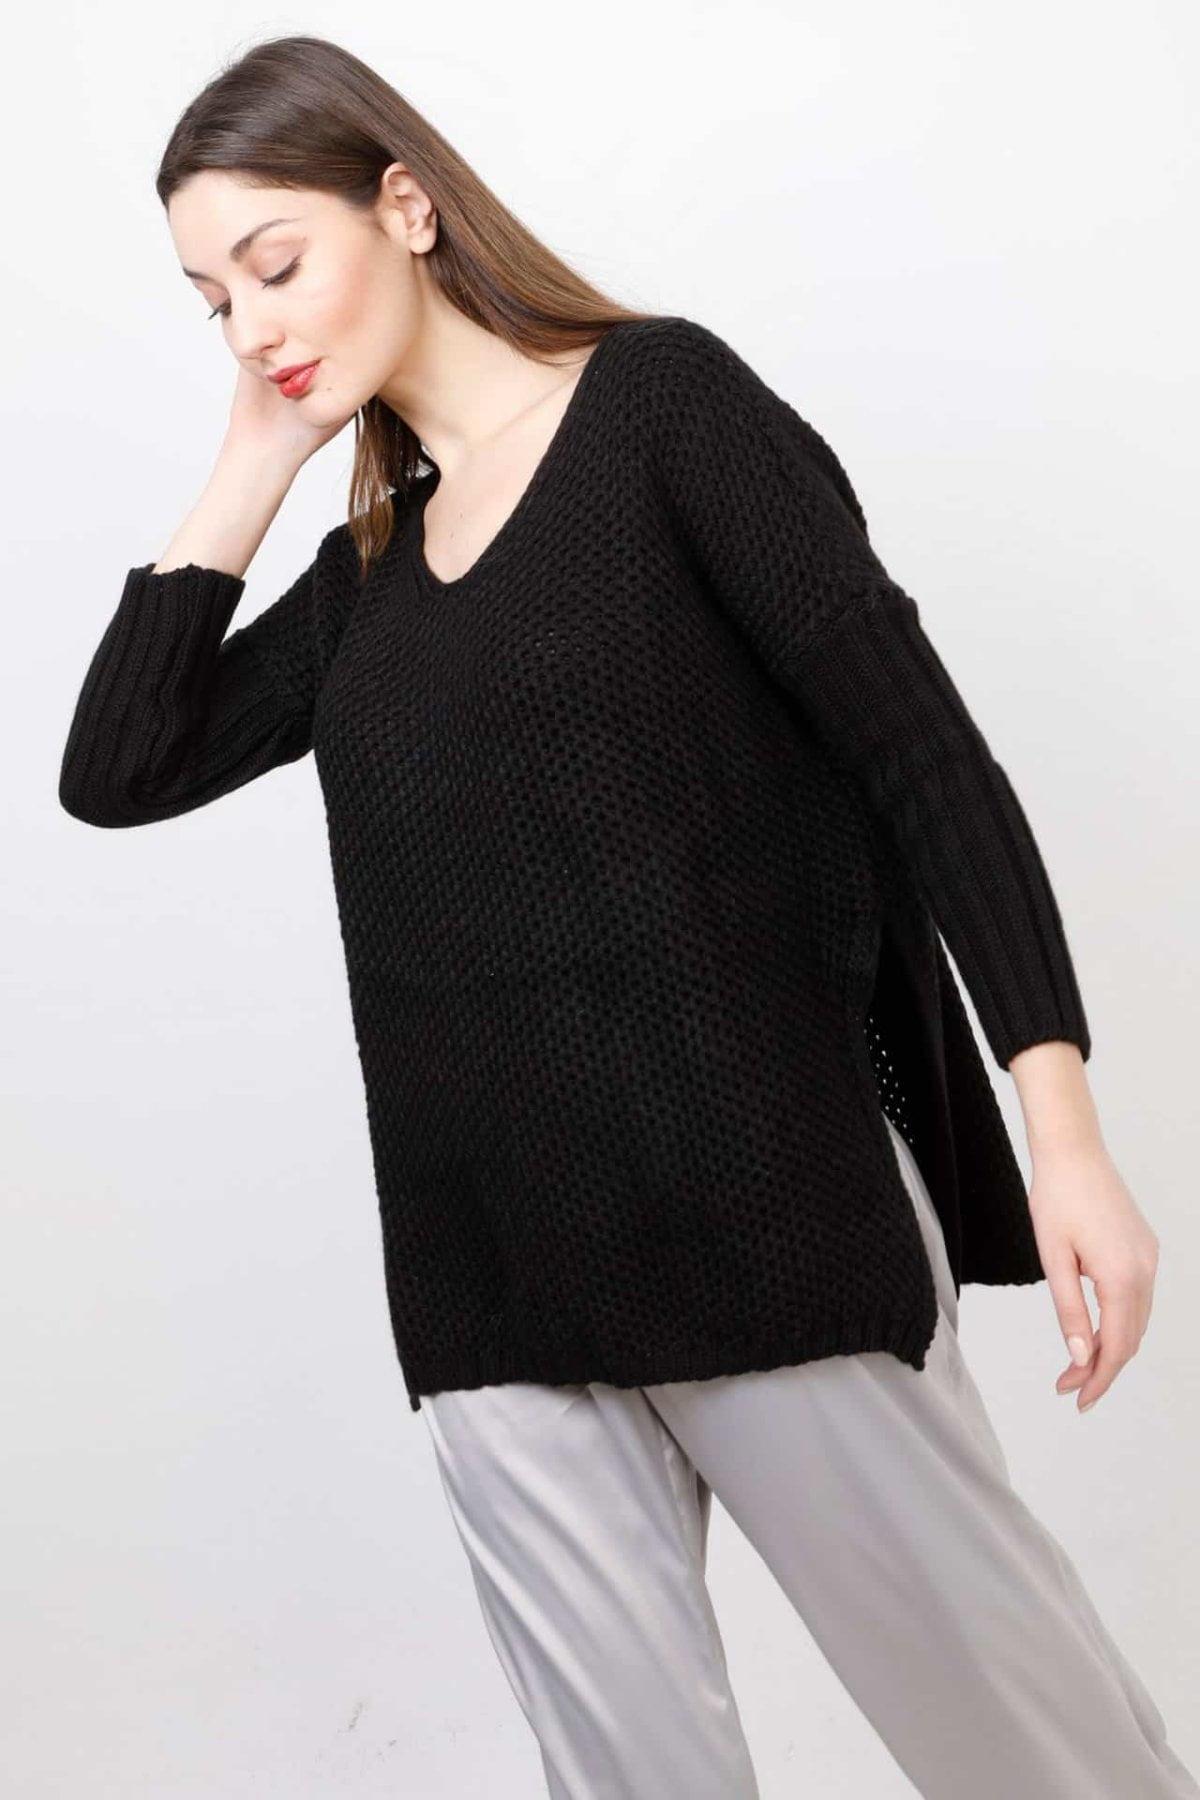 Πλεκτή μπλούζα με ανοίγματα στο πλάι Coocu